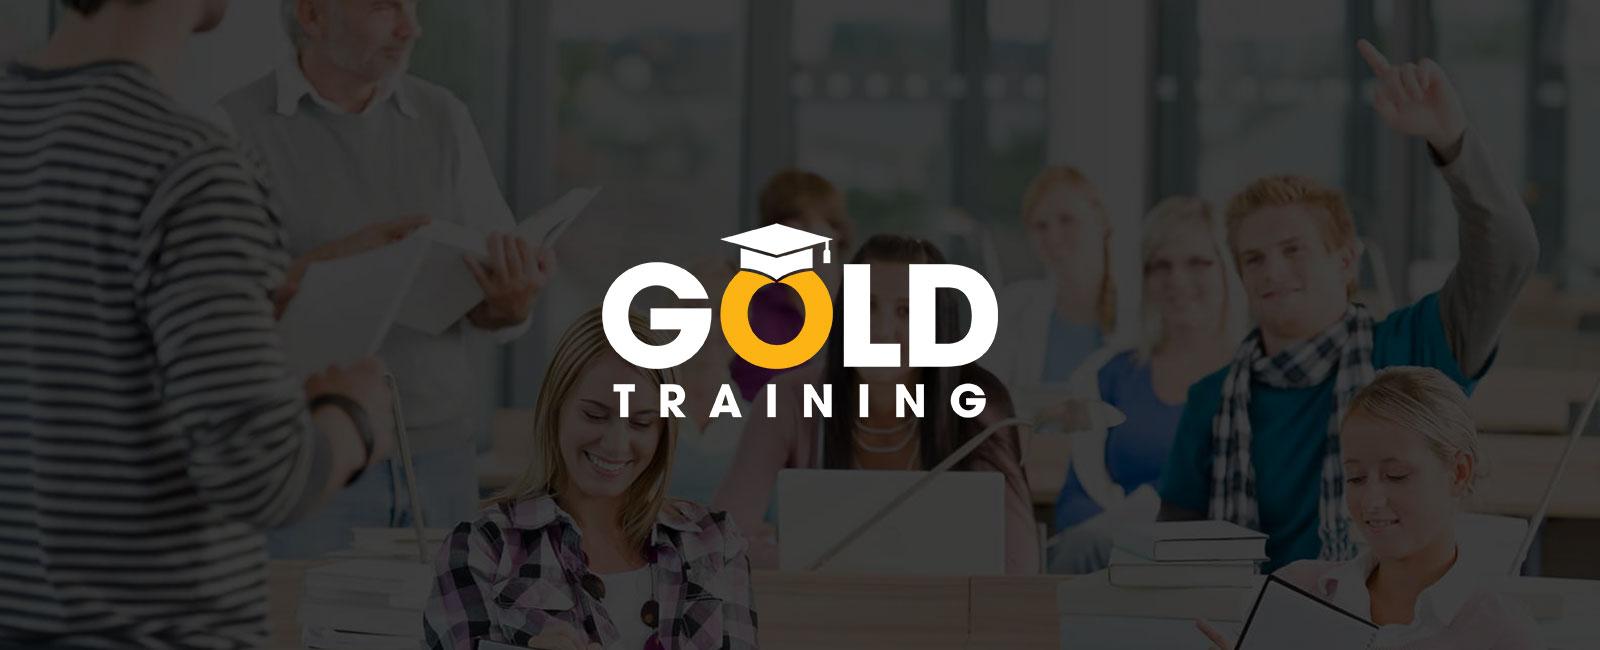 Gold Training